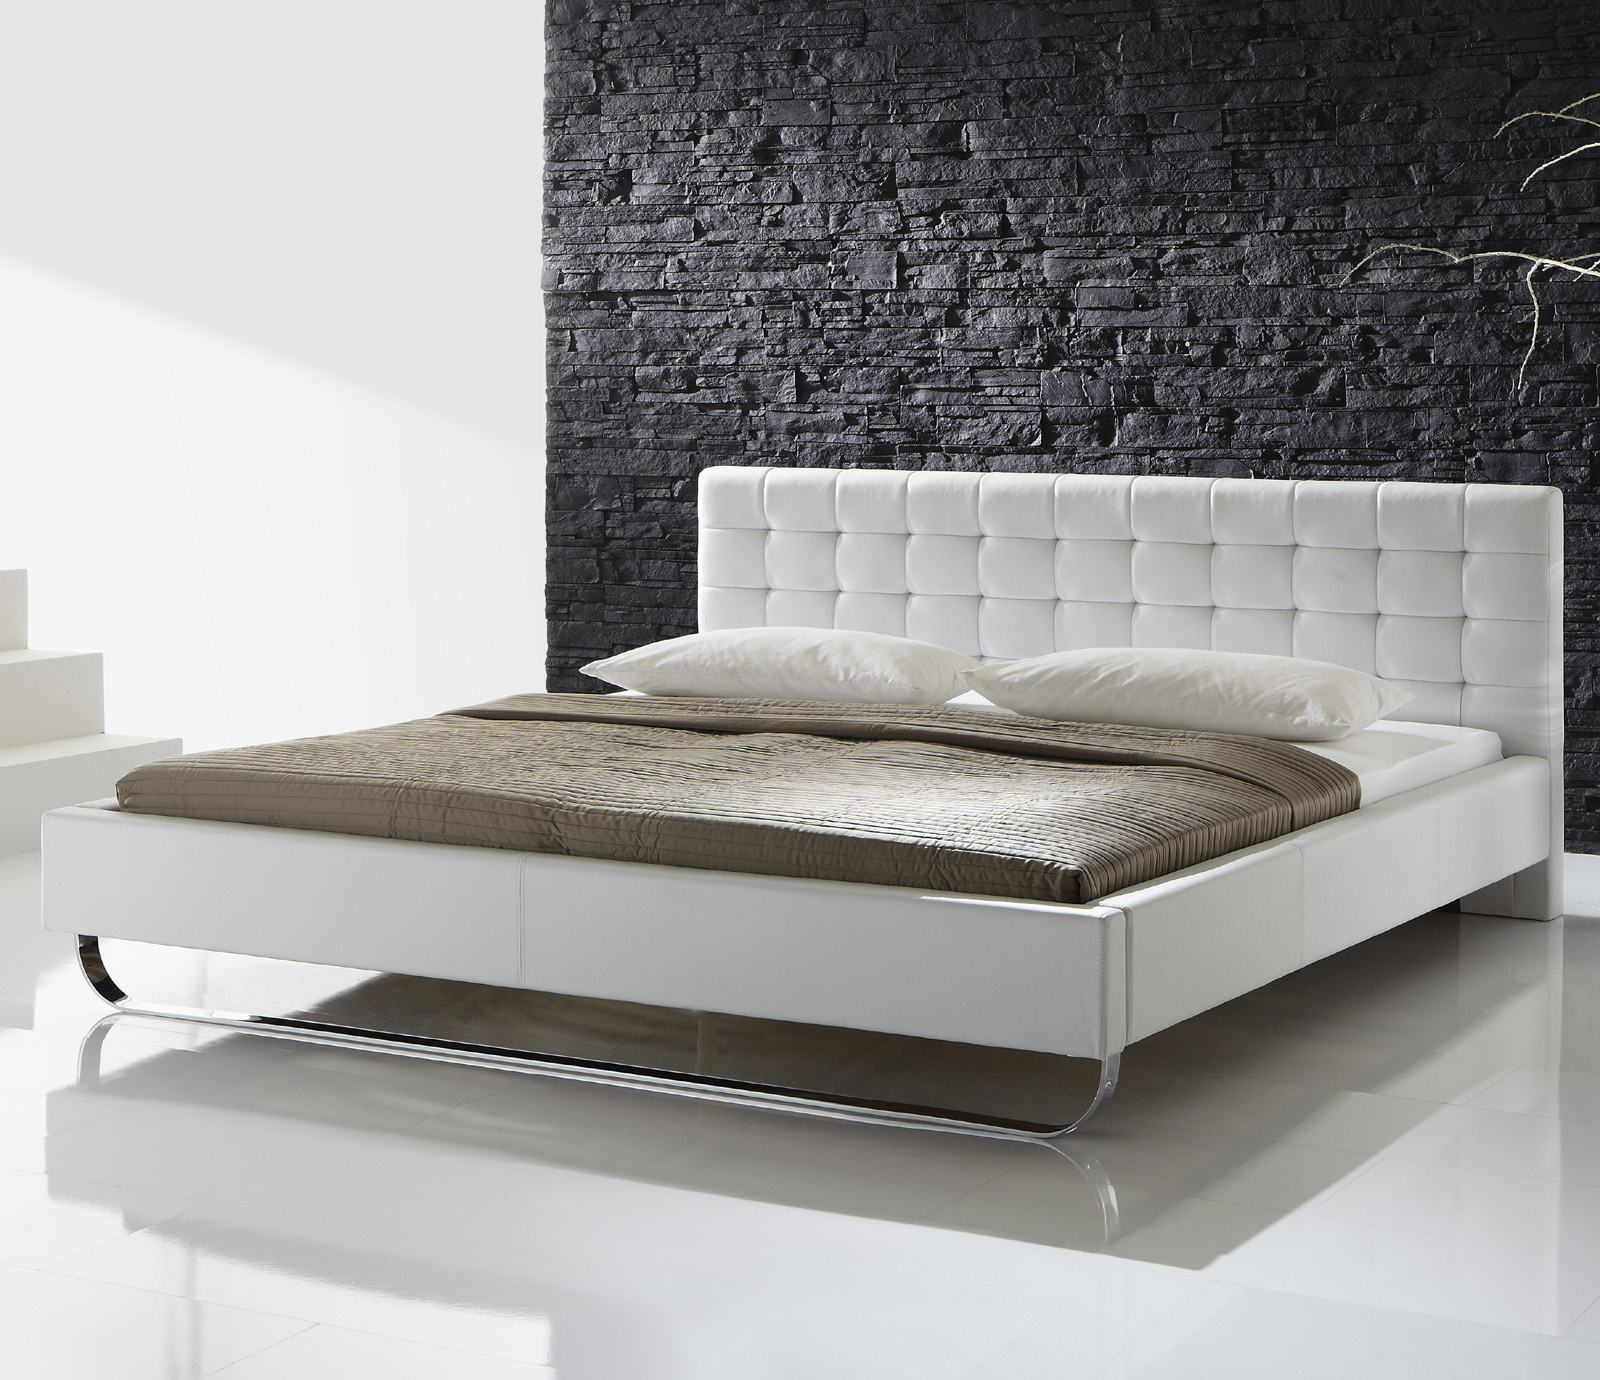 runde betten g nstig kaufen runde betten g nstig deutsche. Black Bedroom Furniture Sets. Home Design Ideas